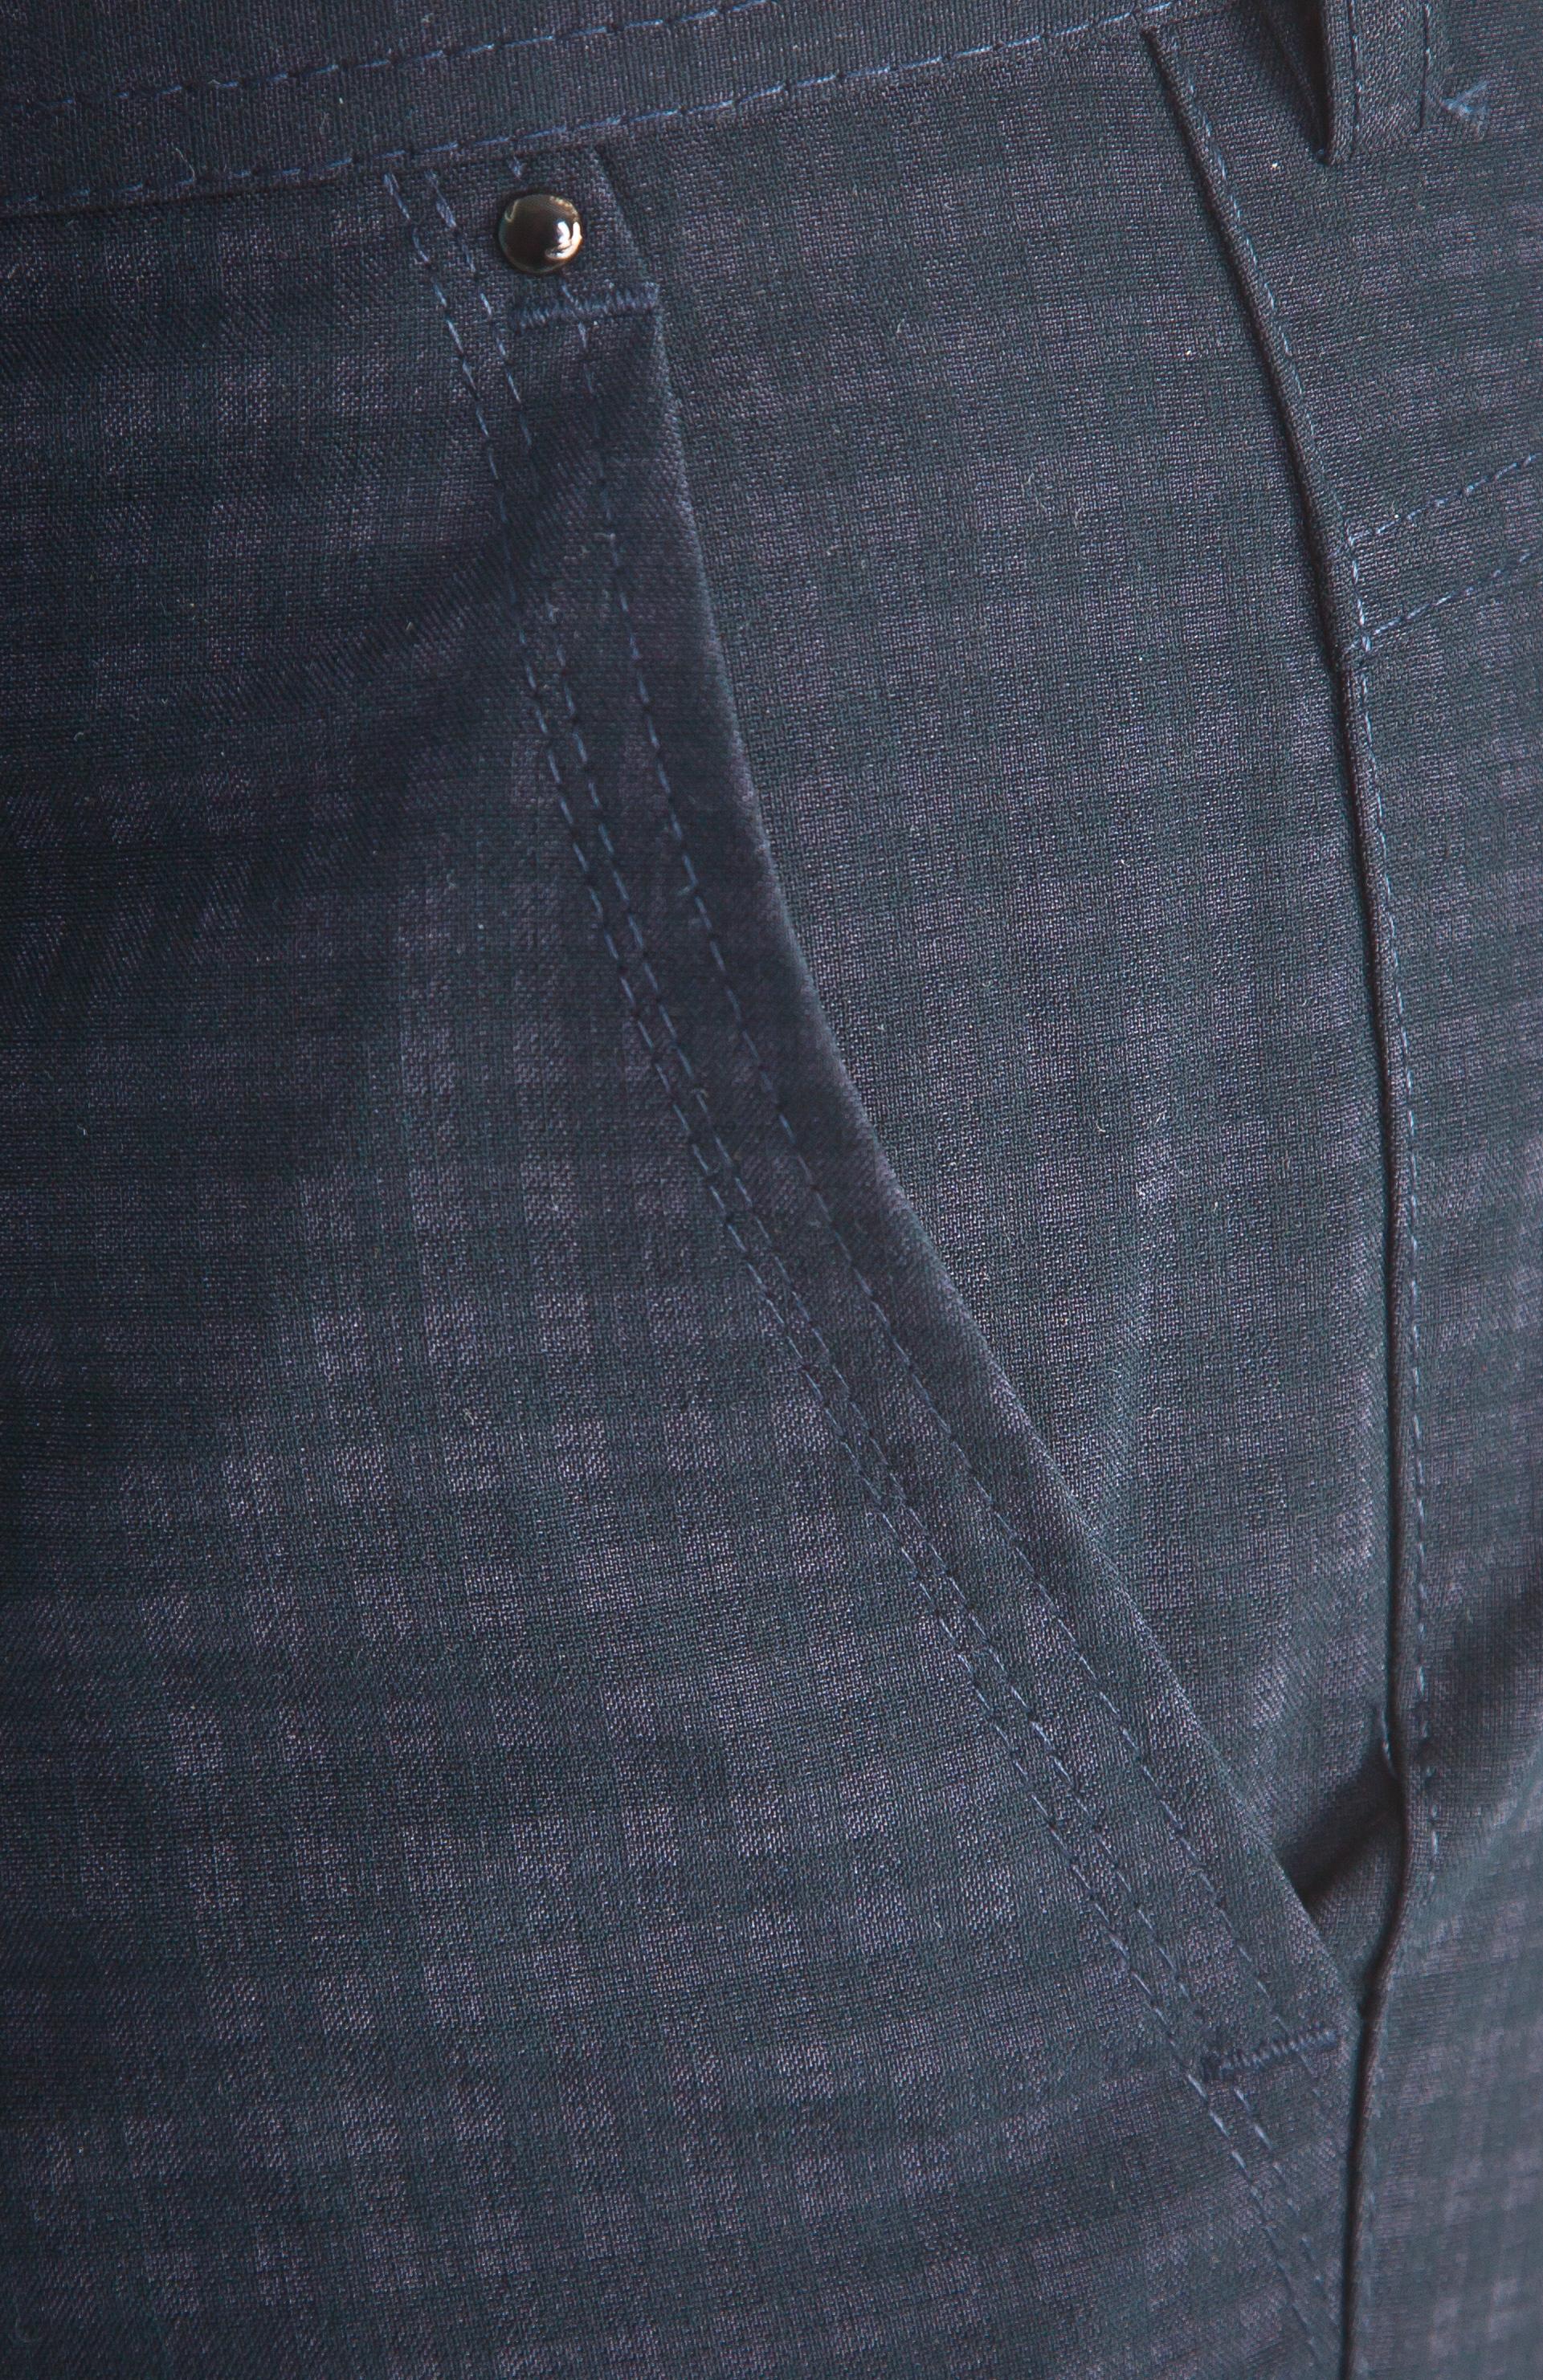 382abb18 Купить брюки мужские сине-черные 6889 по цене 3 000 руб. в Москве ...